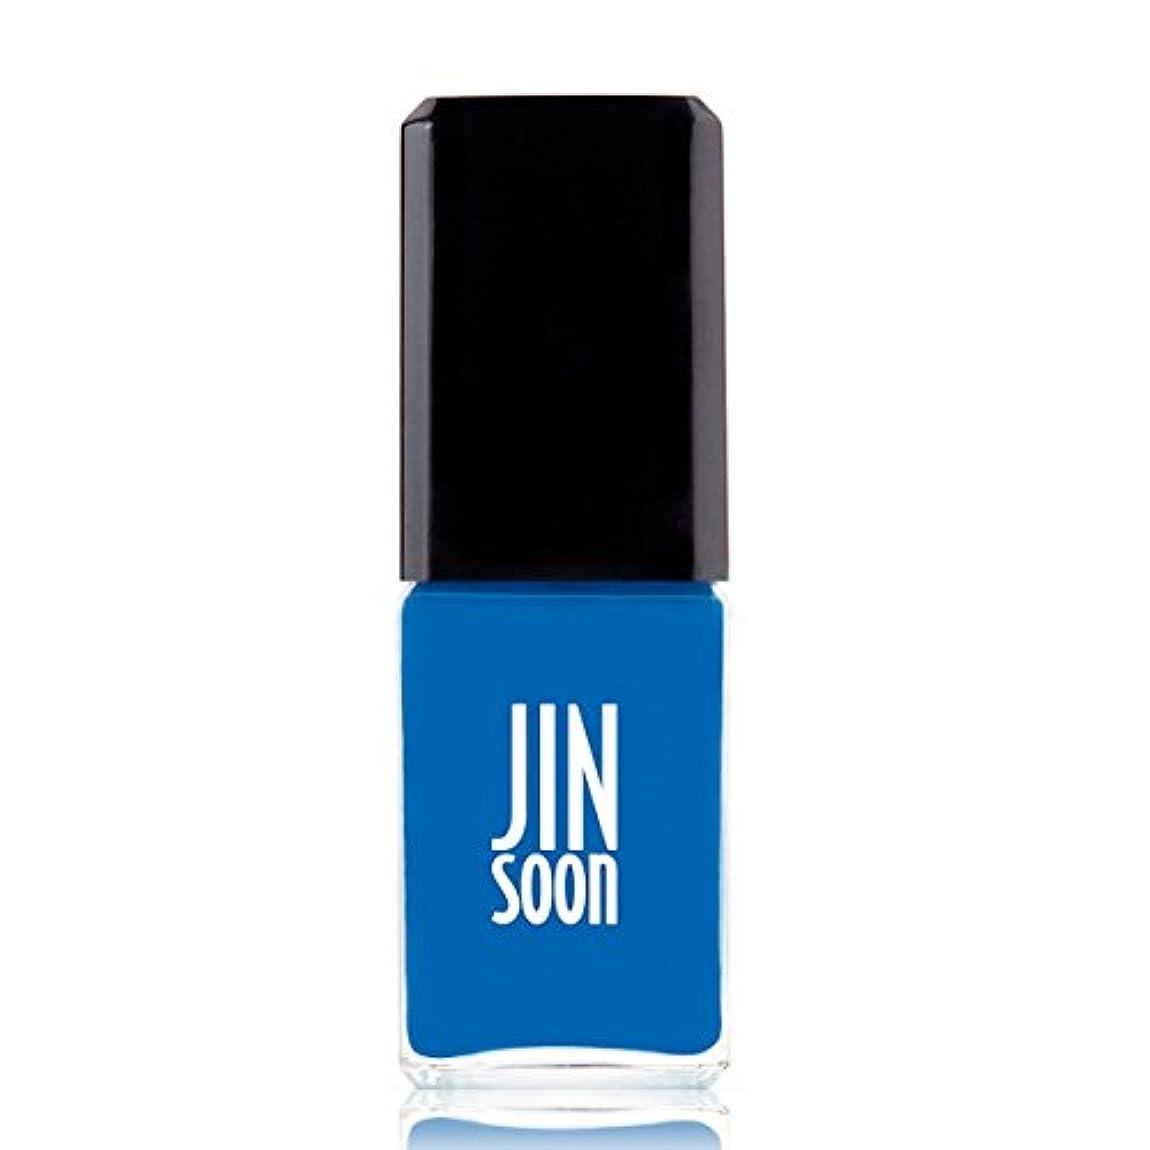 [ジンスーン] [ jinsoon] クールブルー (セルリアンブルー)COOL BLUE ジンスーン 5フリー ネイルポリッシュ【ブルー】 11mL